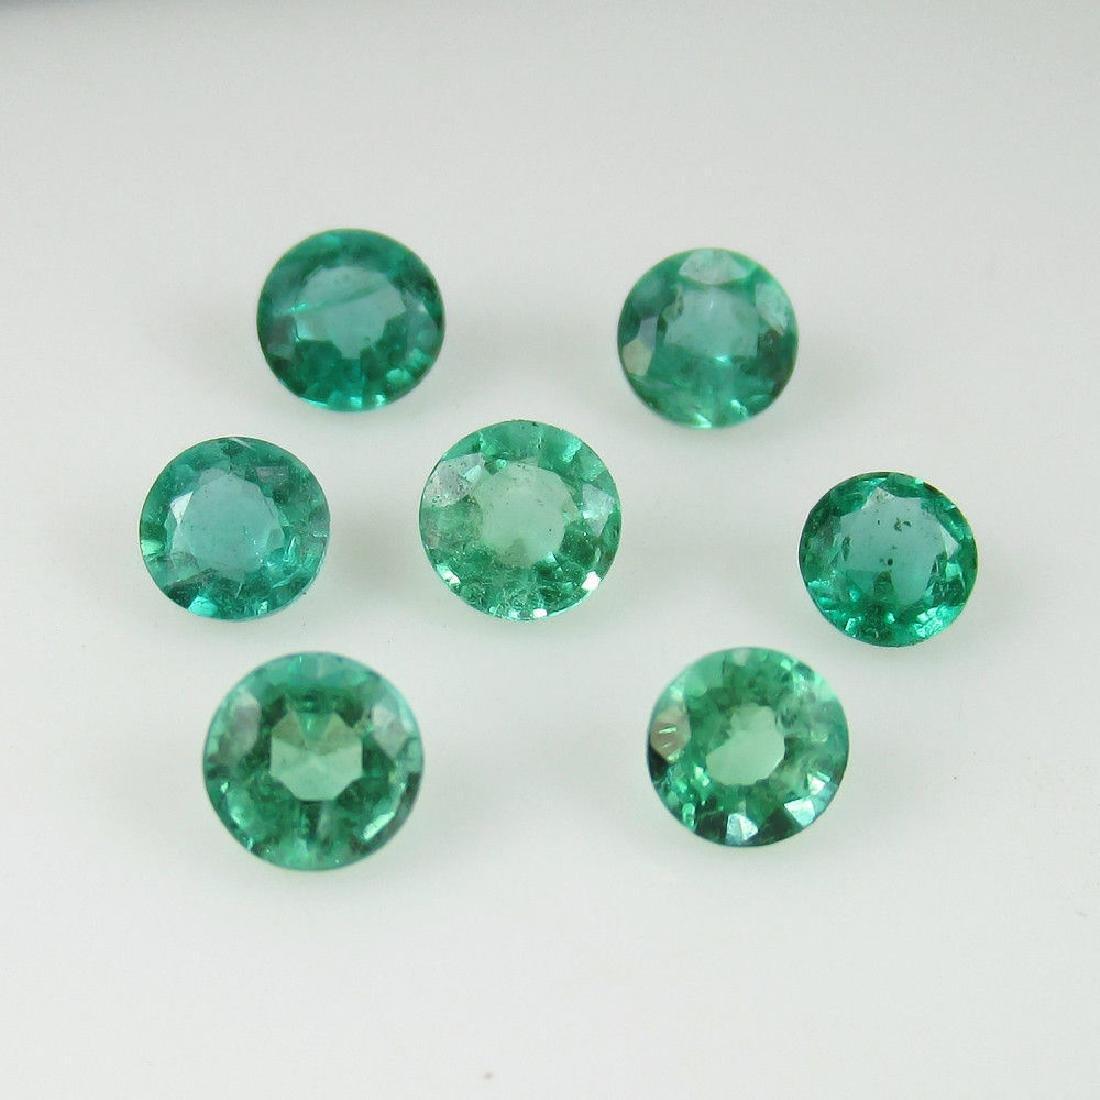 2.15 Carat Natural 7 Loose Emerald Round Set - 2